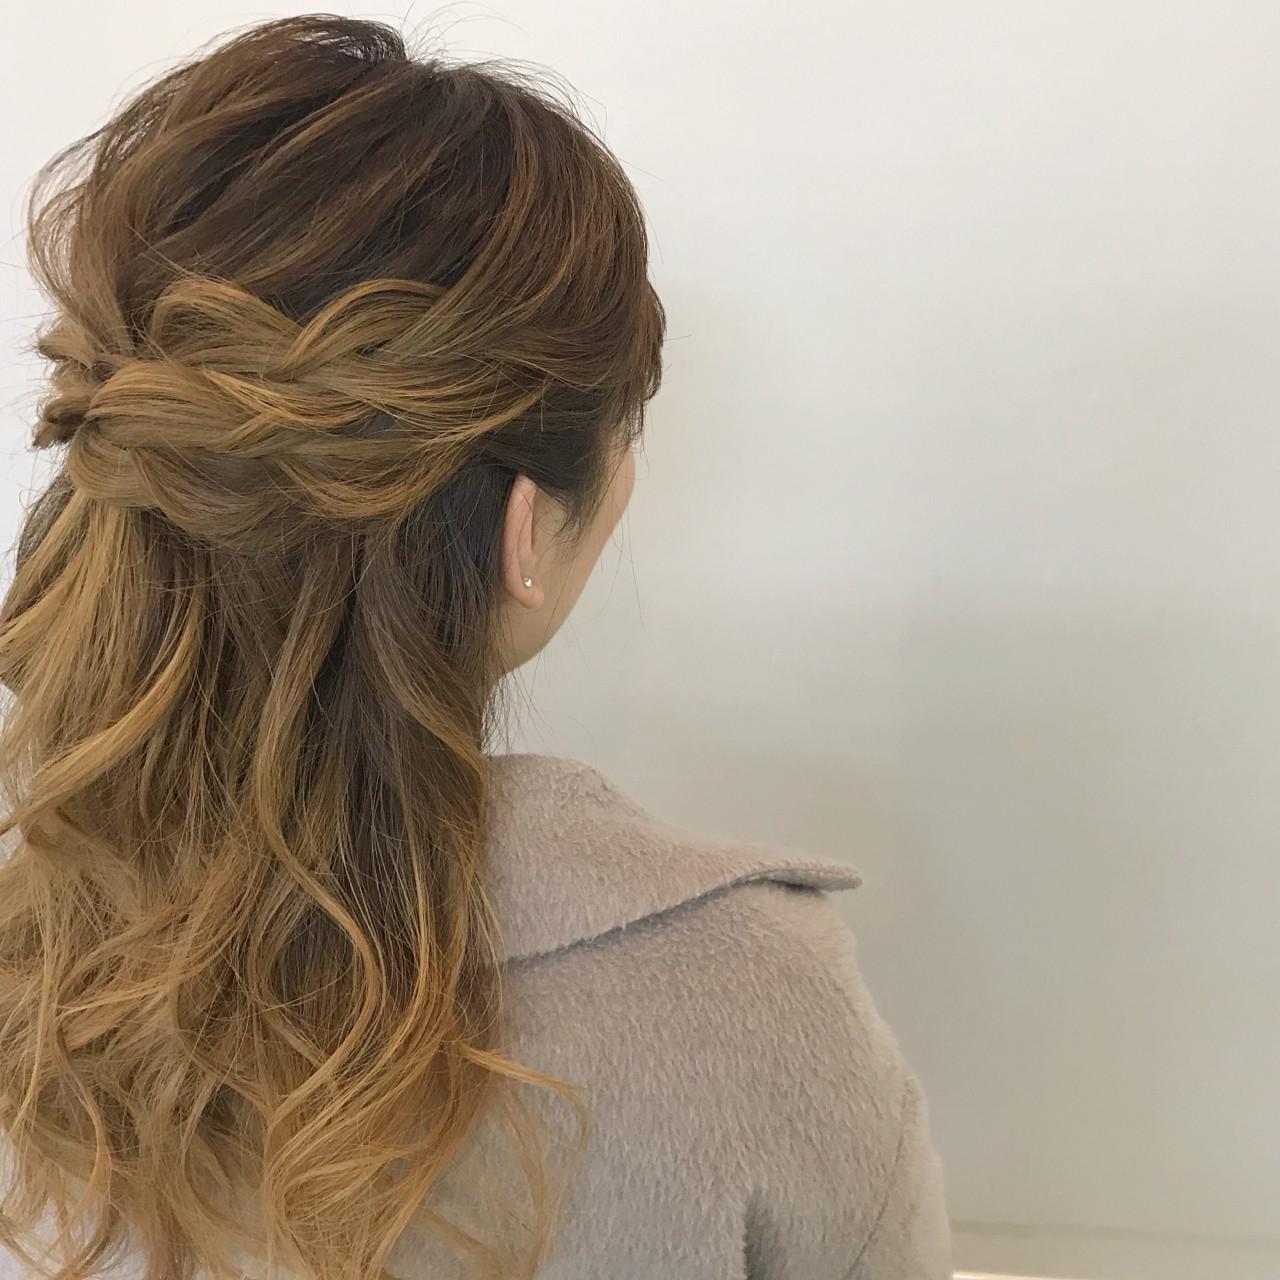 ナチュラル オフィス ミディアム 簡単ヘアアレンジヘアスタイルや髪型の写真・画像